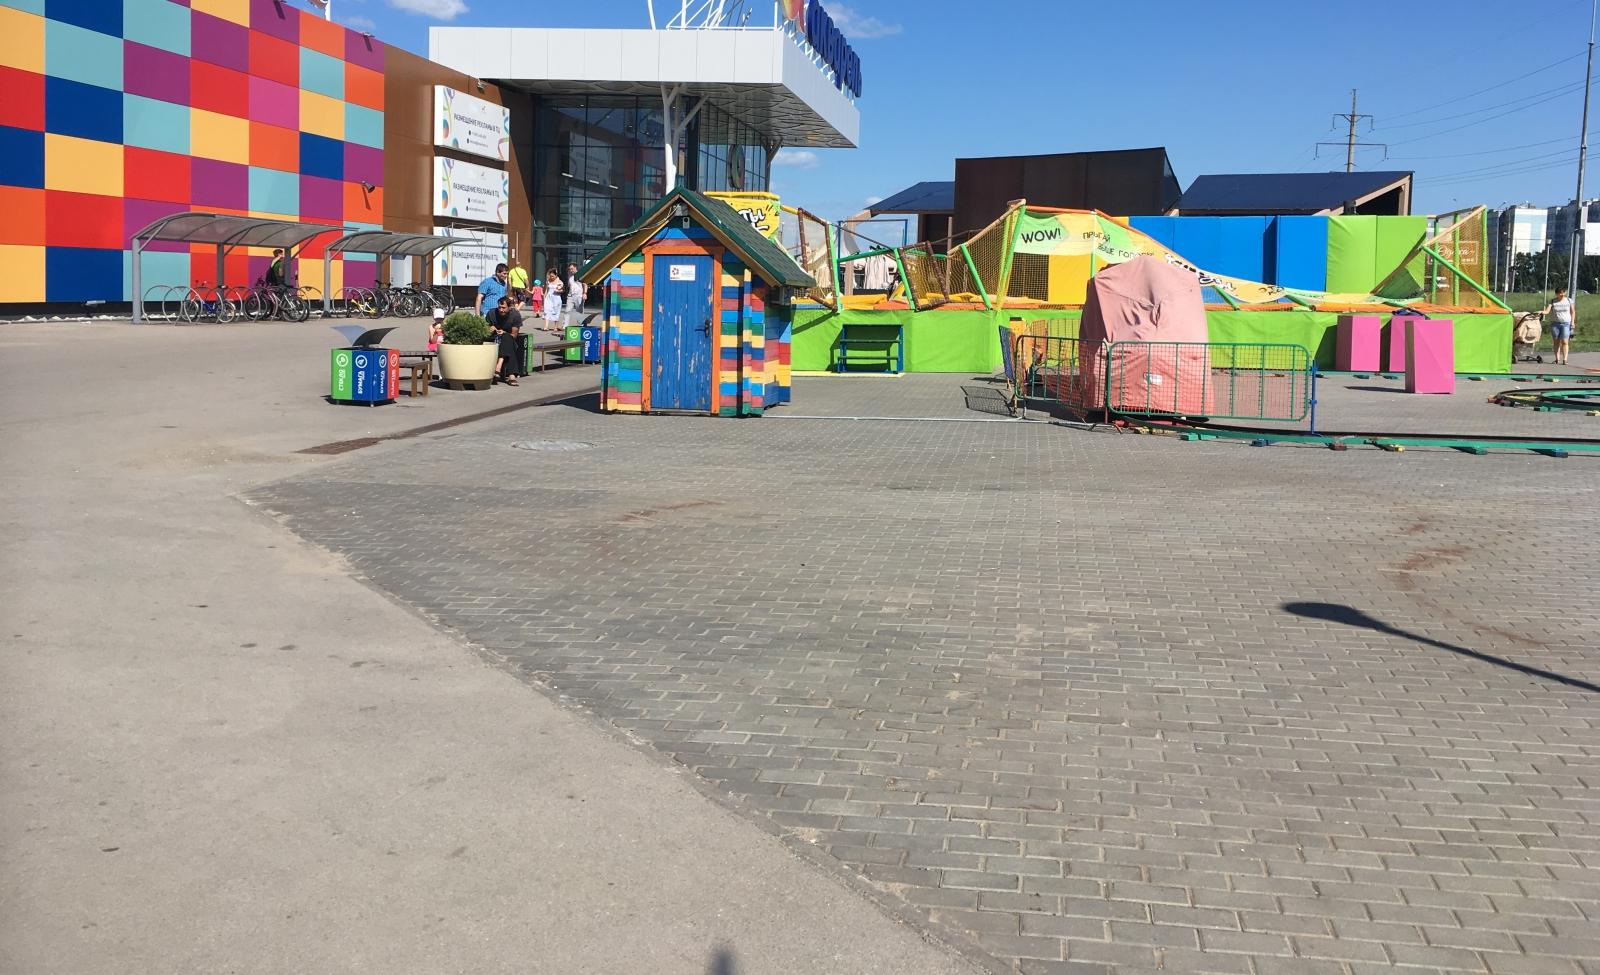 Опубликовано видео инцидента с батутом, где пострадали дети в Тольятти